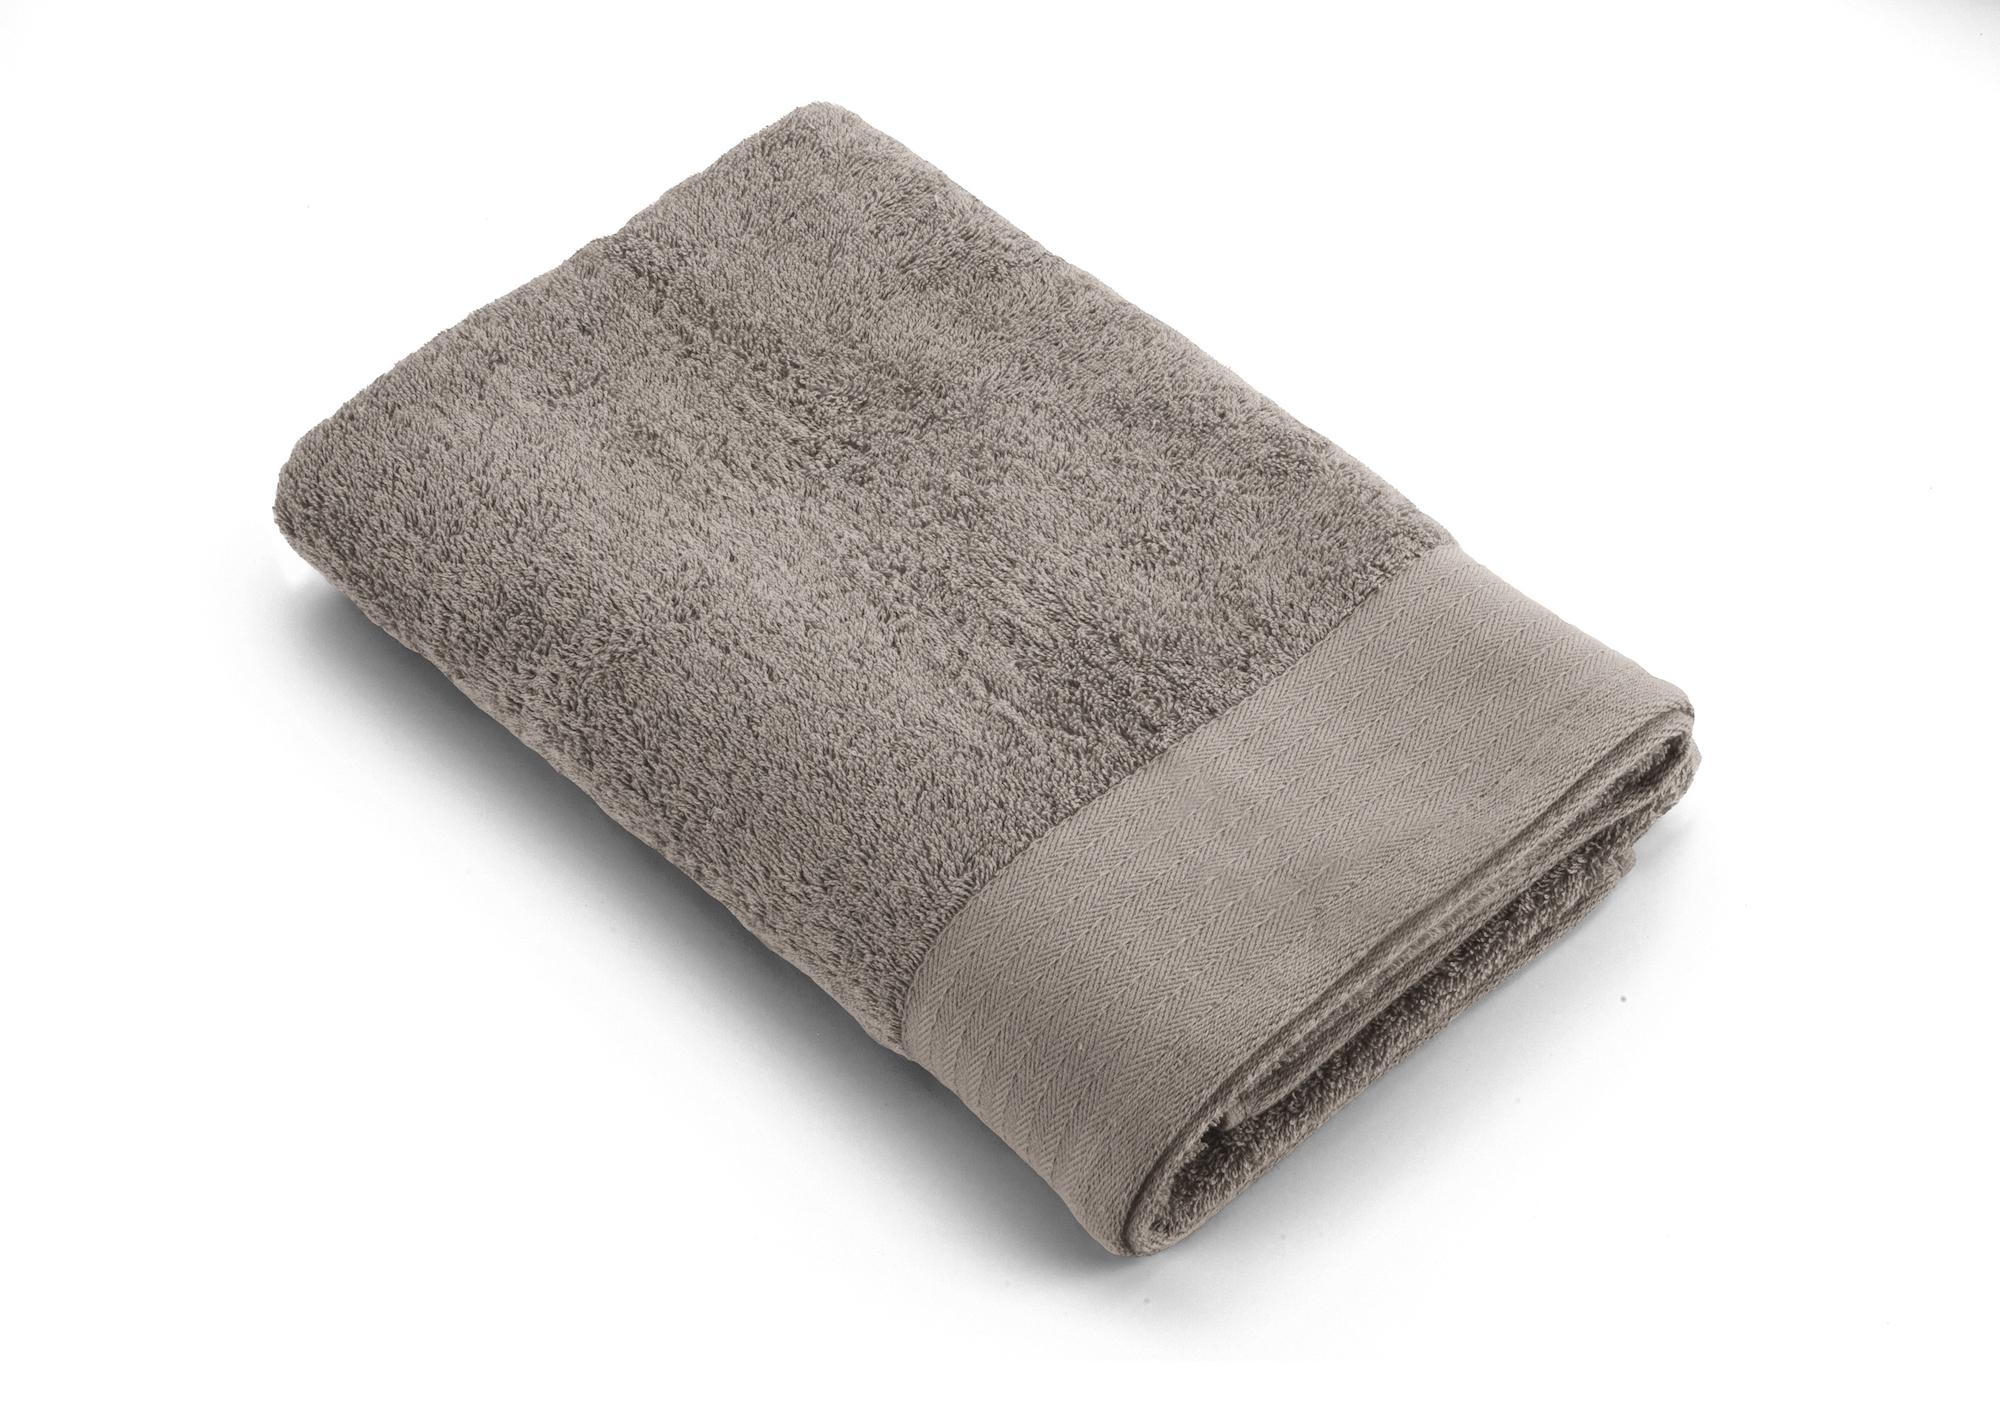 5f38af6ce50 Walra badlaken Soft Cotton - 70x140 cm - Taupe - Badgoed.com